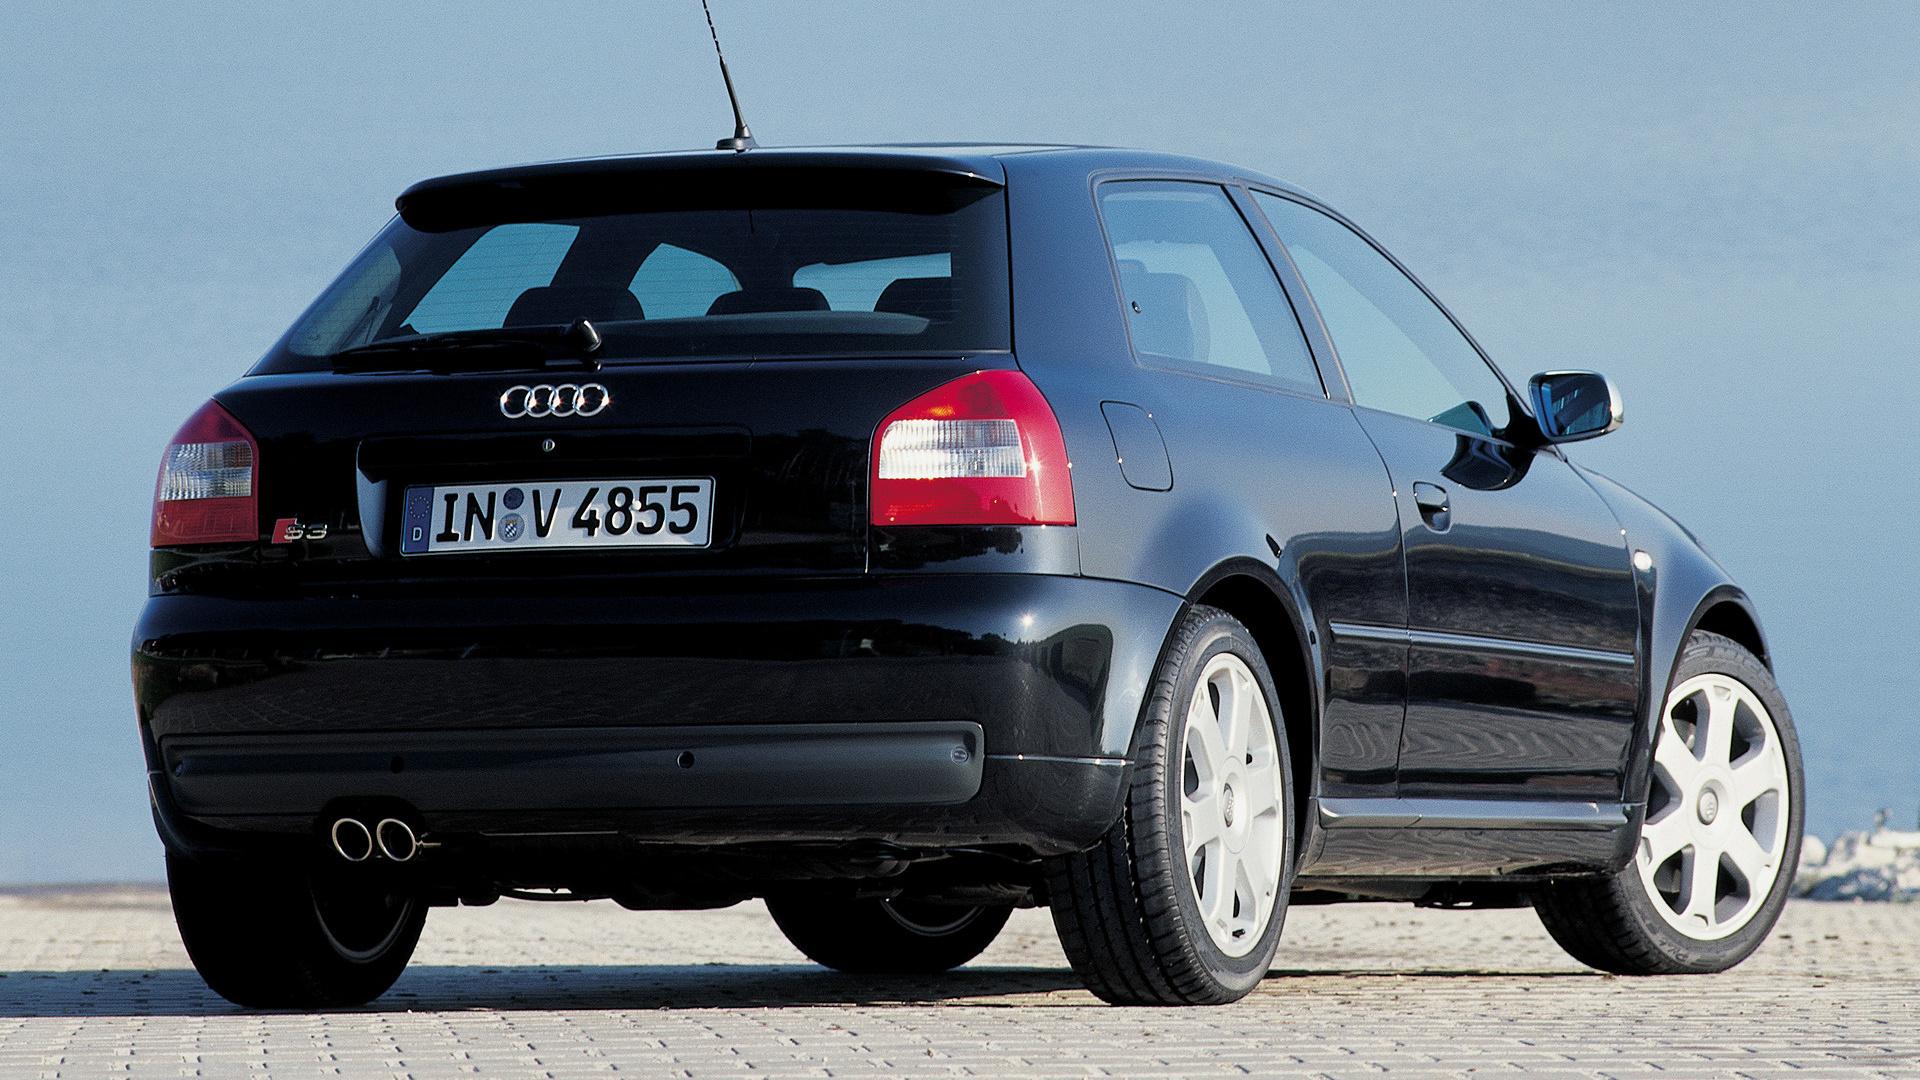 Kelebihan Kekurangan Audi S3 2000 Top Model Tahun Ini